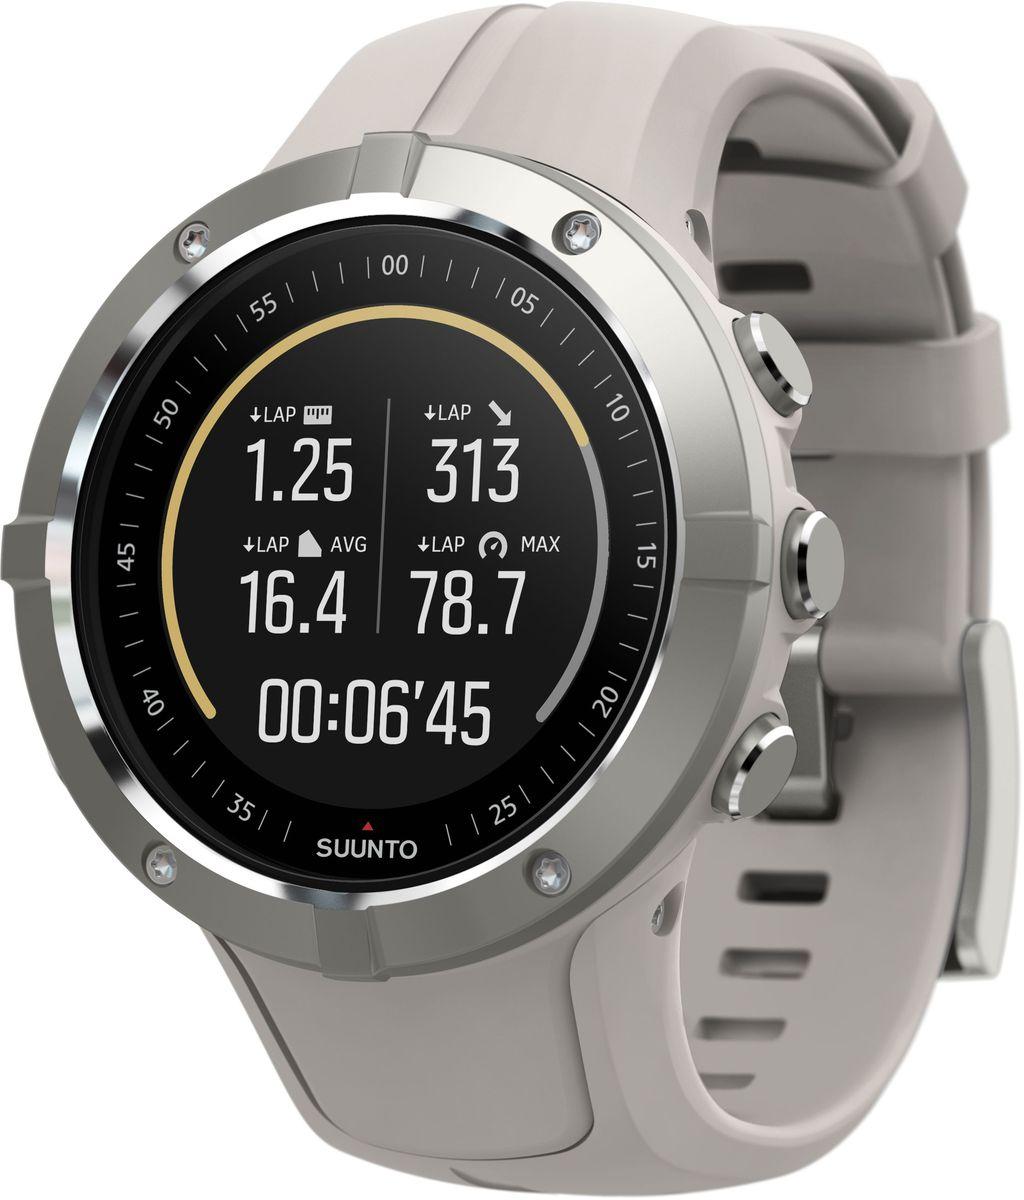 """Часы спортивные Suunto """"Spartan Trainer Wrist HR Sandstone"""", цвет: серый, черный"""